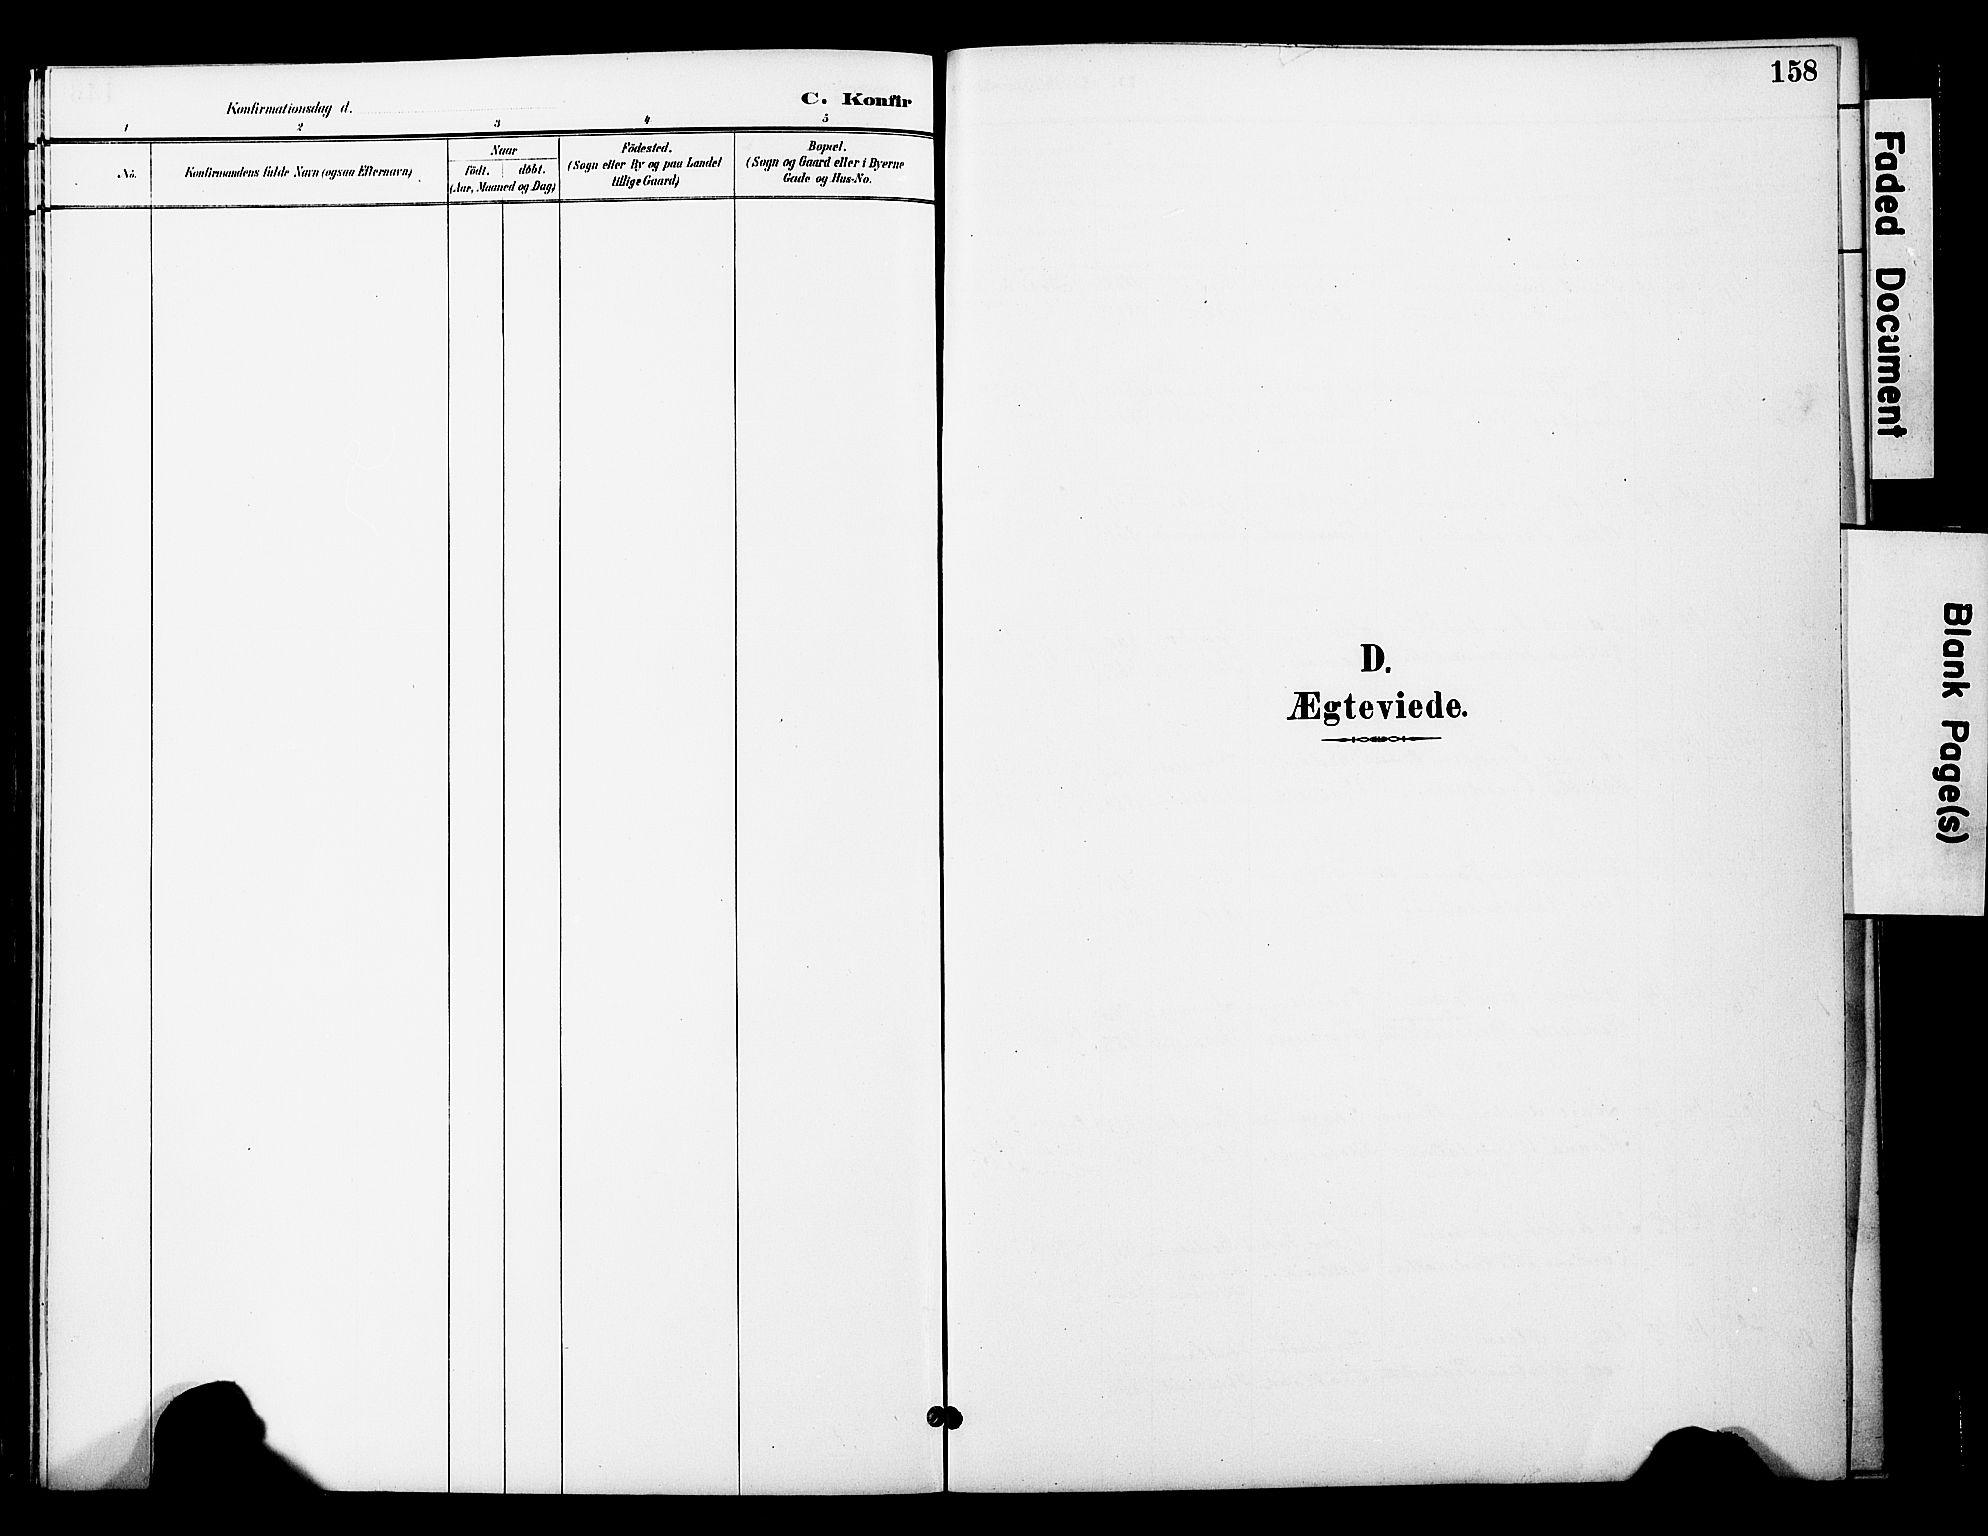 SAT, Ministerialprotokoller, klokkerbøker og fødselsregistre - Nord-Trøndelag, 774/L0628: Ministerialbok nr. 774A02, 1887-1903, s. 158